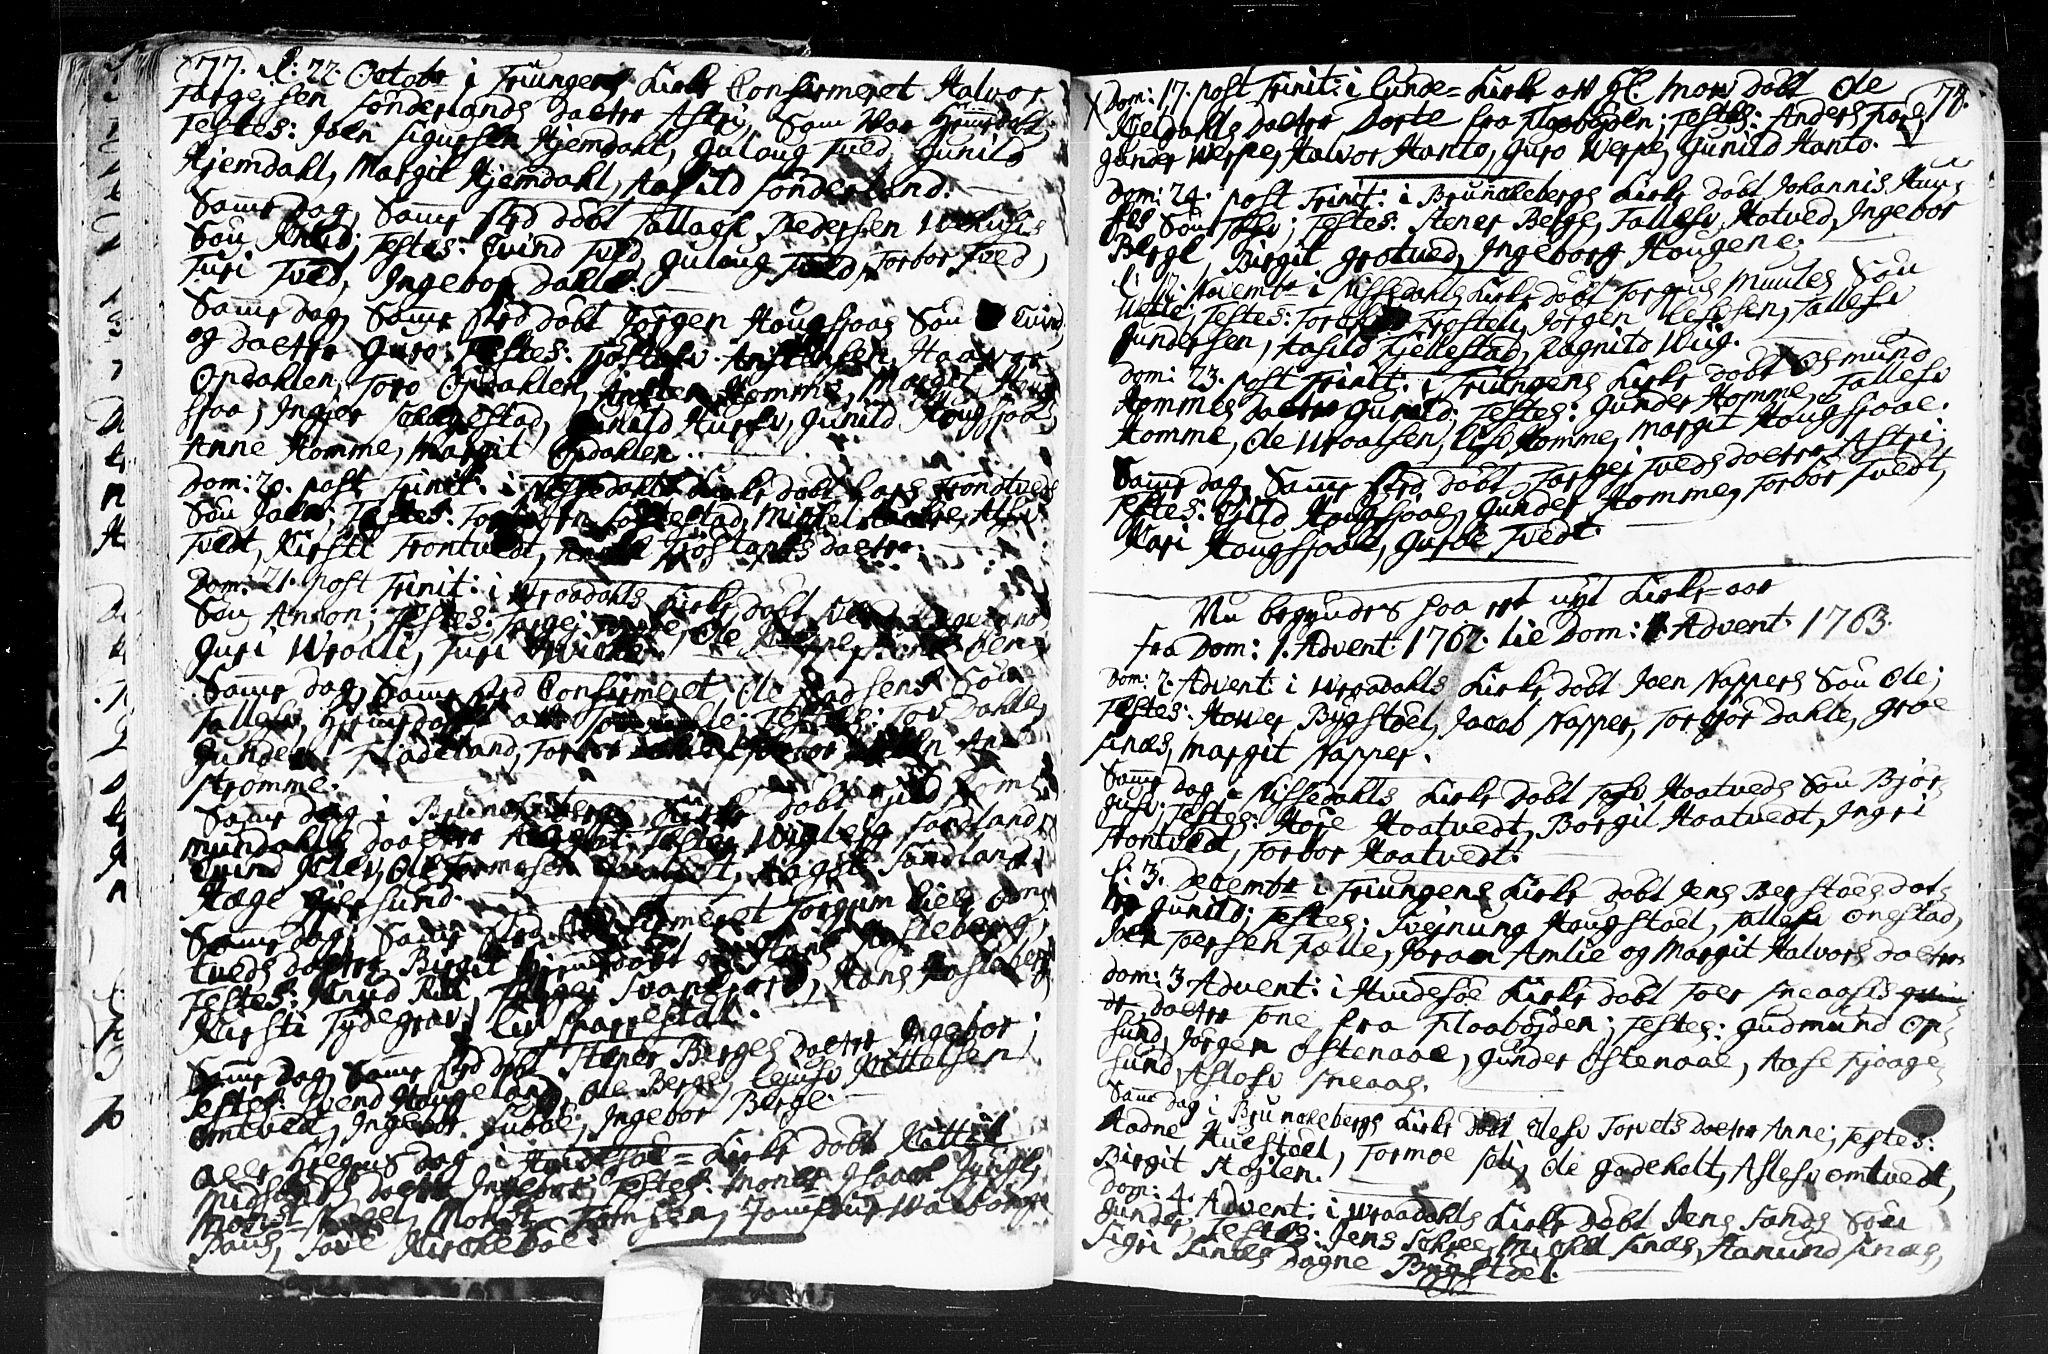 SAKO, Kviteseid kirkebøker, F/Fa/L0001: Ministerialbok nr. I 1, 1754-1773, s. 77-78